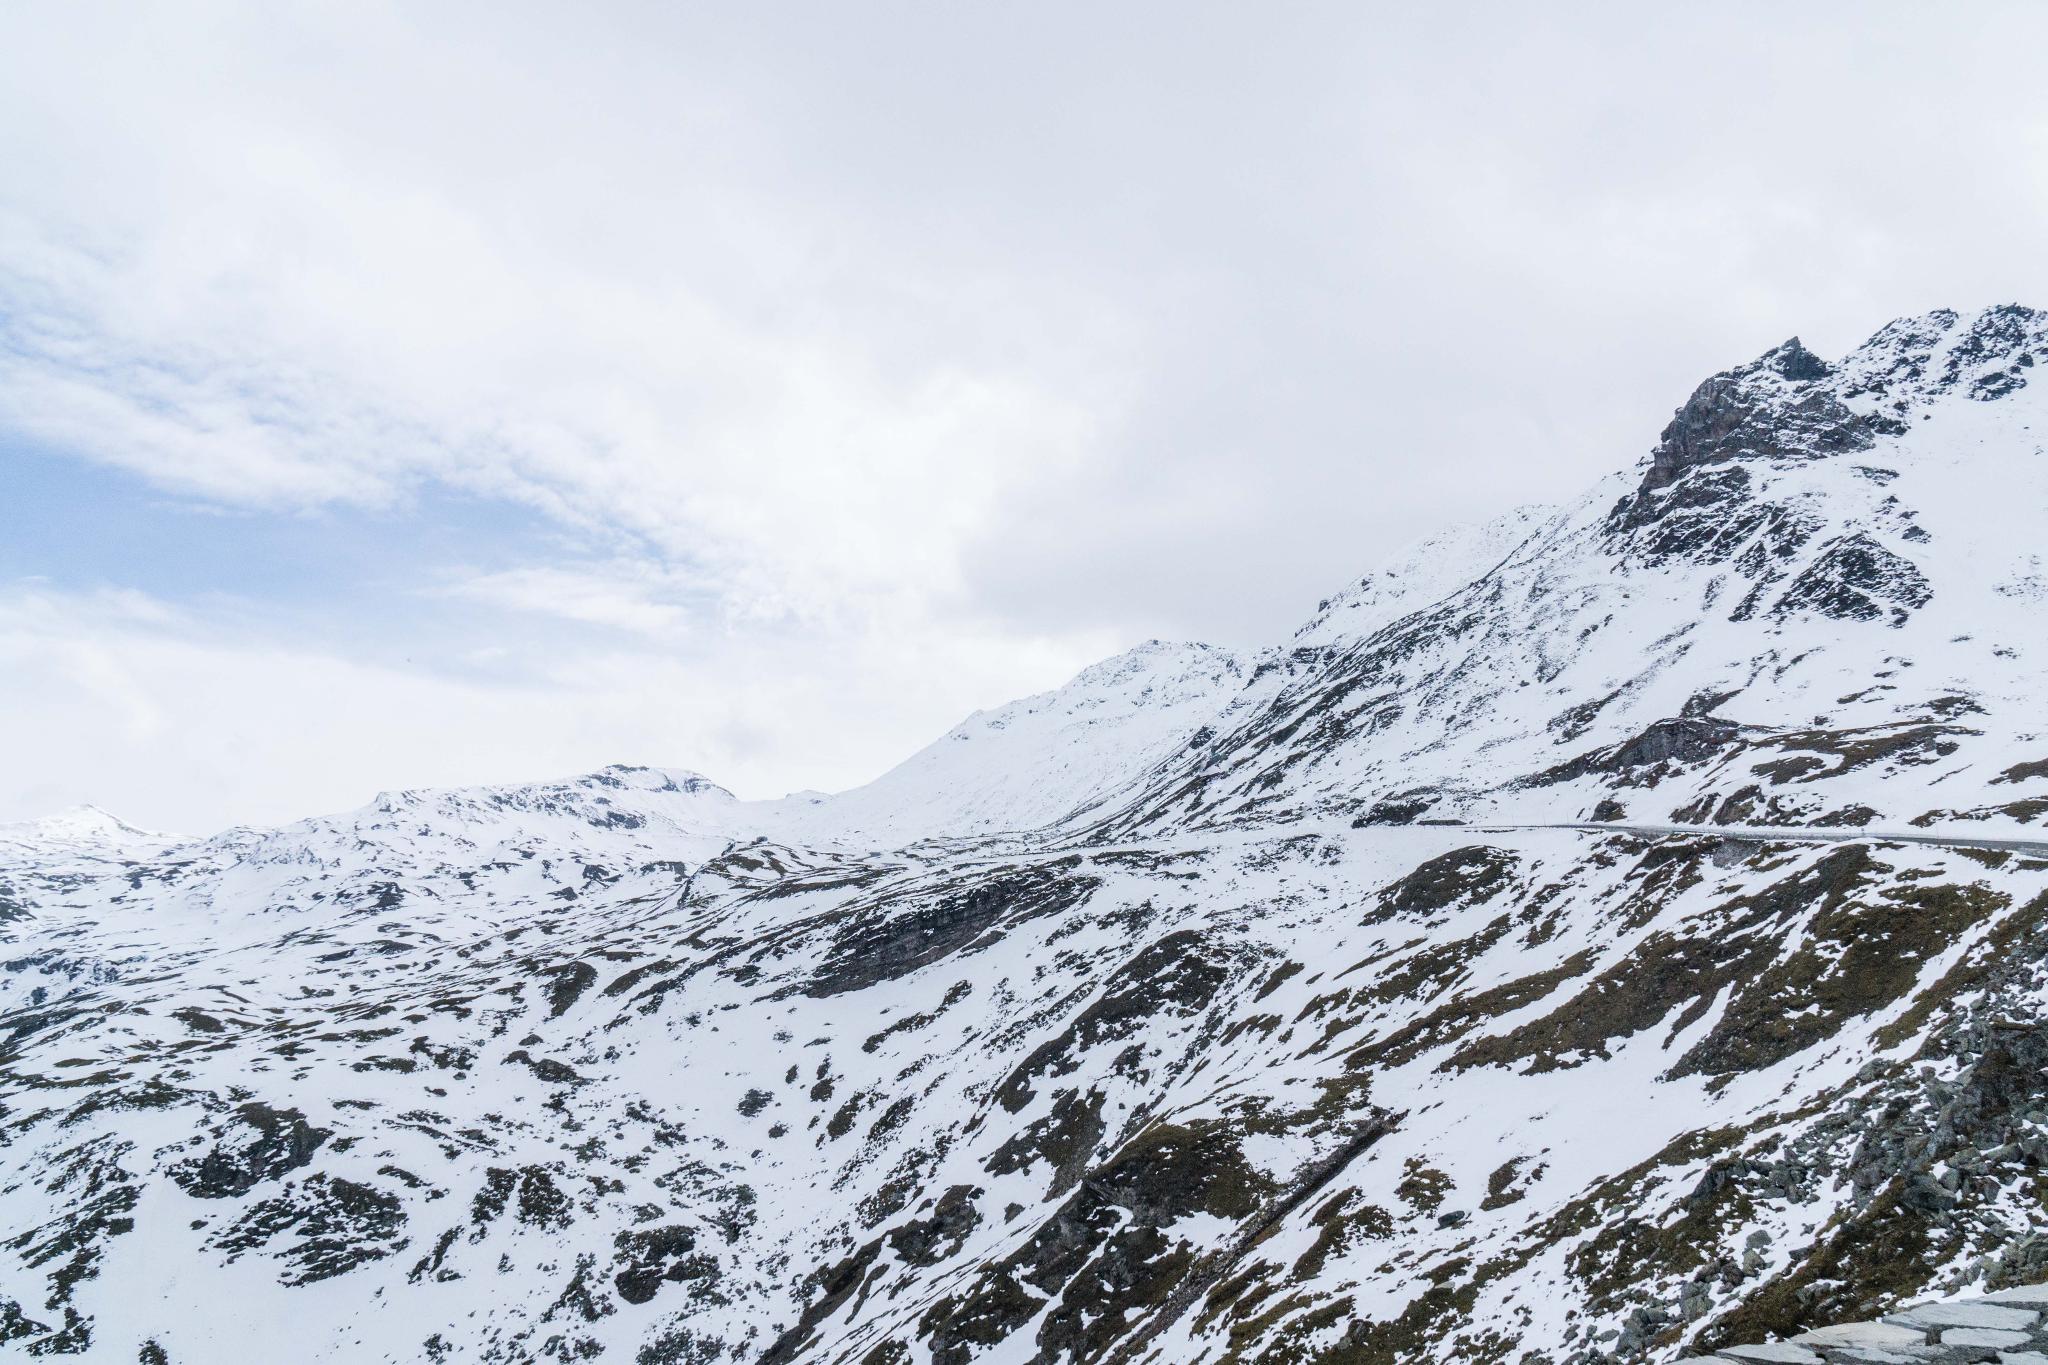 【奧地利】穿越阿爾卑斯之巔 — 奧地利大鐘山冰河公路 (Grossglockner High Alpine Road) 48